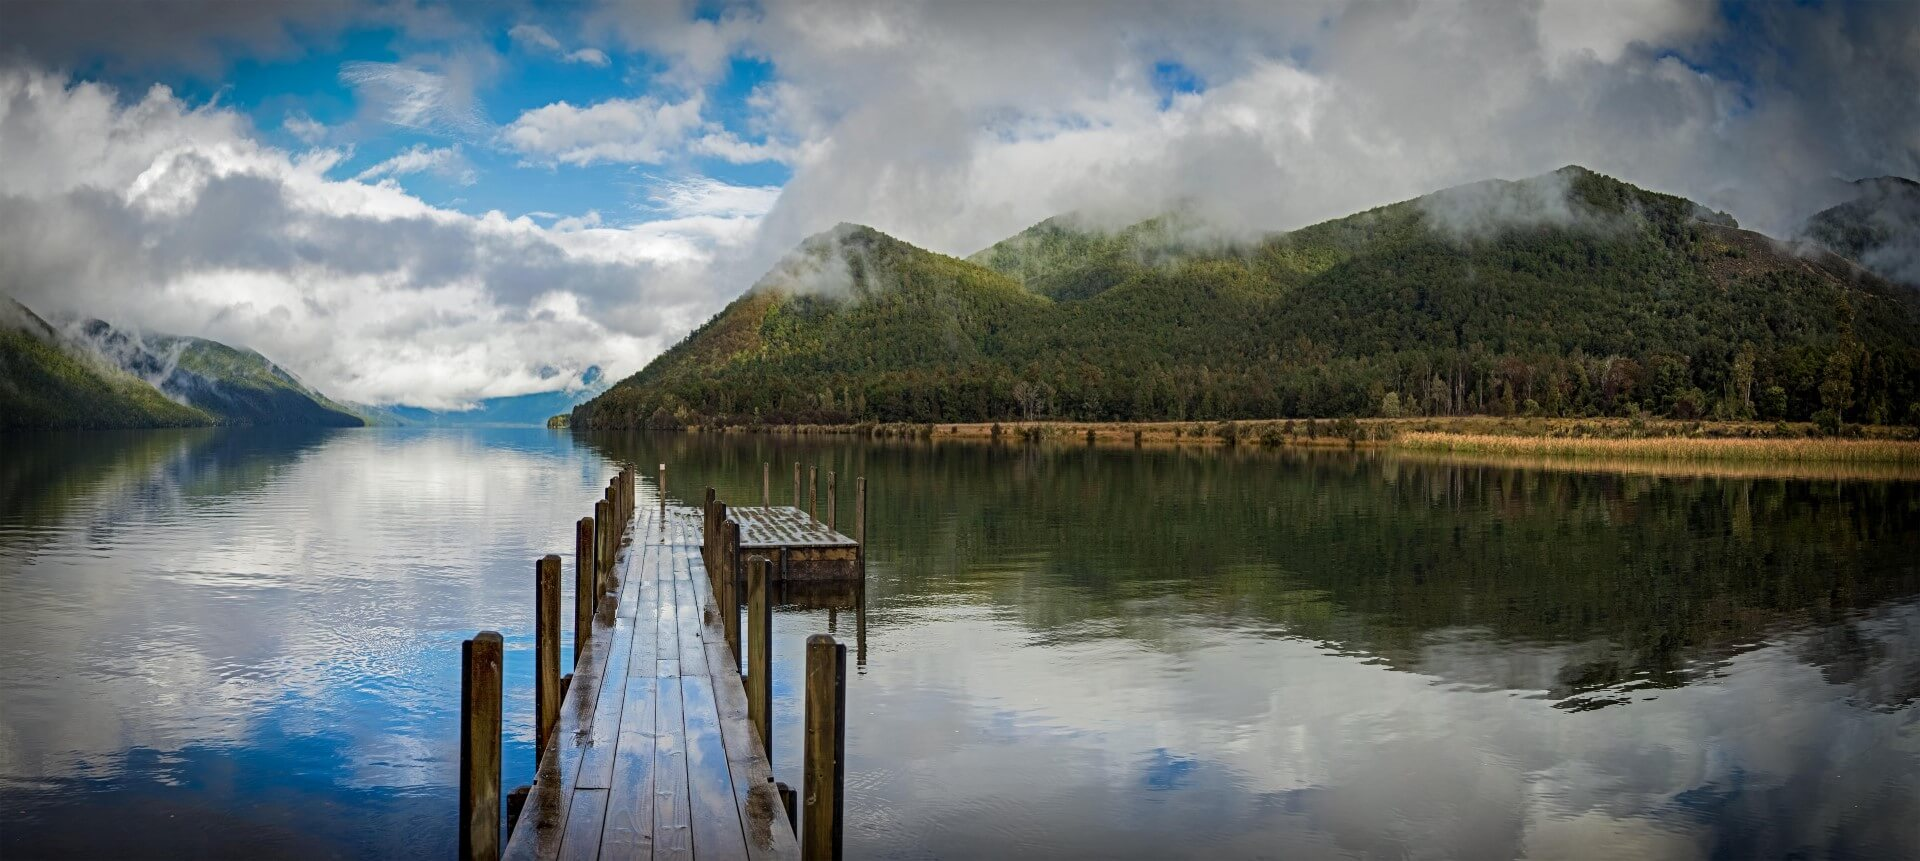 Lago Rotoroa en Nueva Zelanda. Guía de Nueva Zelanda. Qué hacer y qué ver. (C) Jeremy Taylor